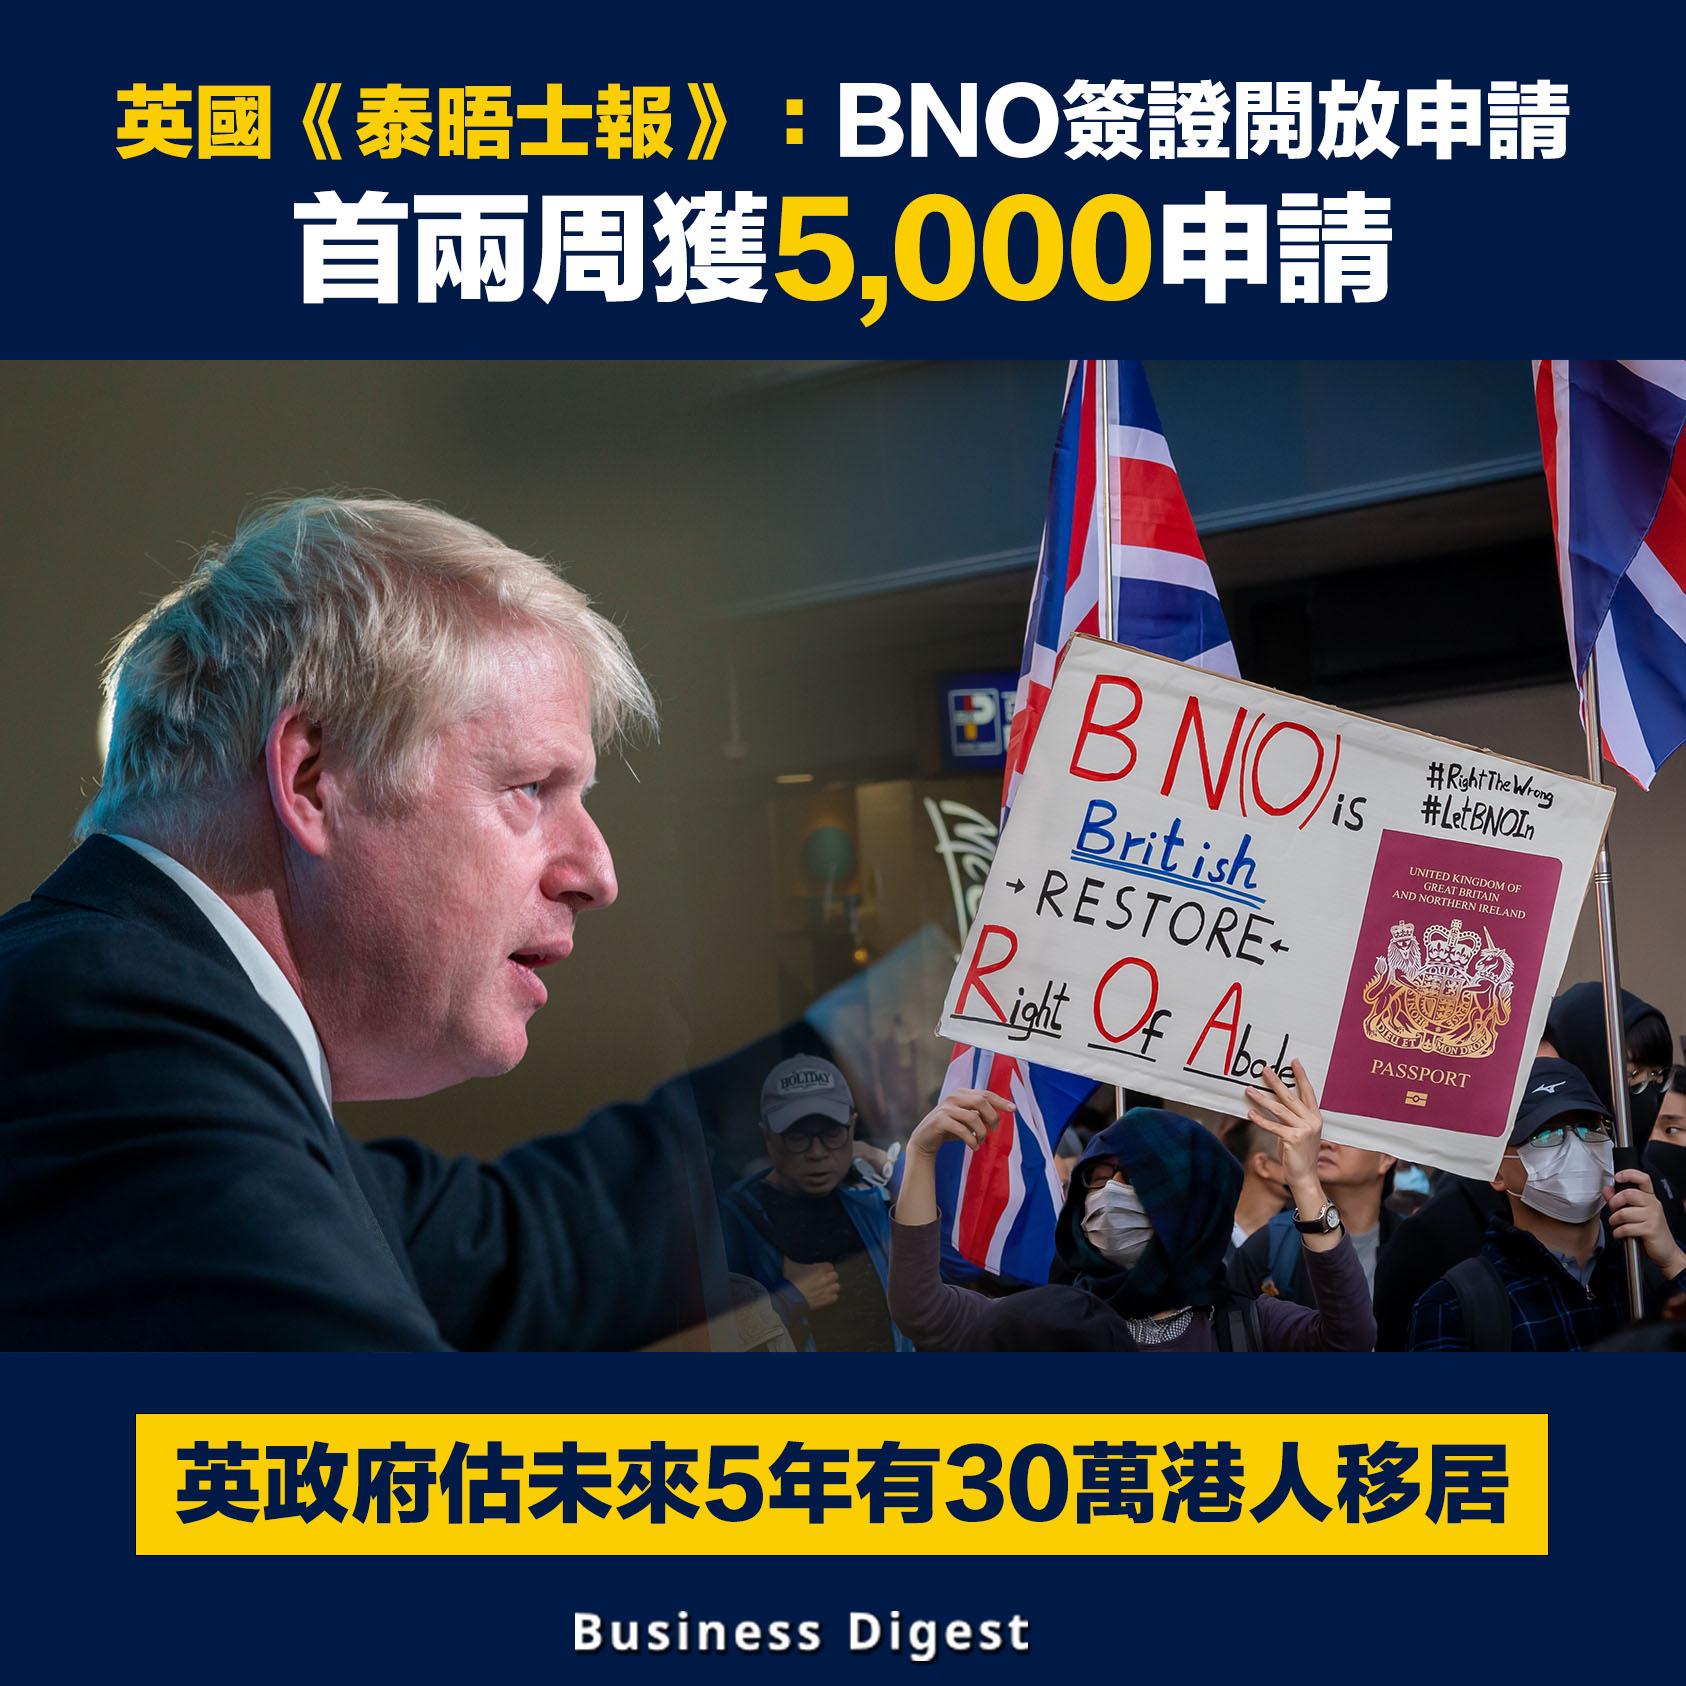 【移英熱】英國施5+1移民政策後,首兩周獲5,000申請,有港人翌日就成功獲批